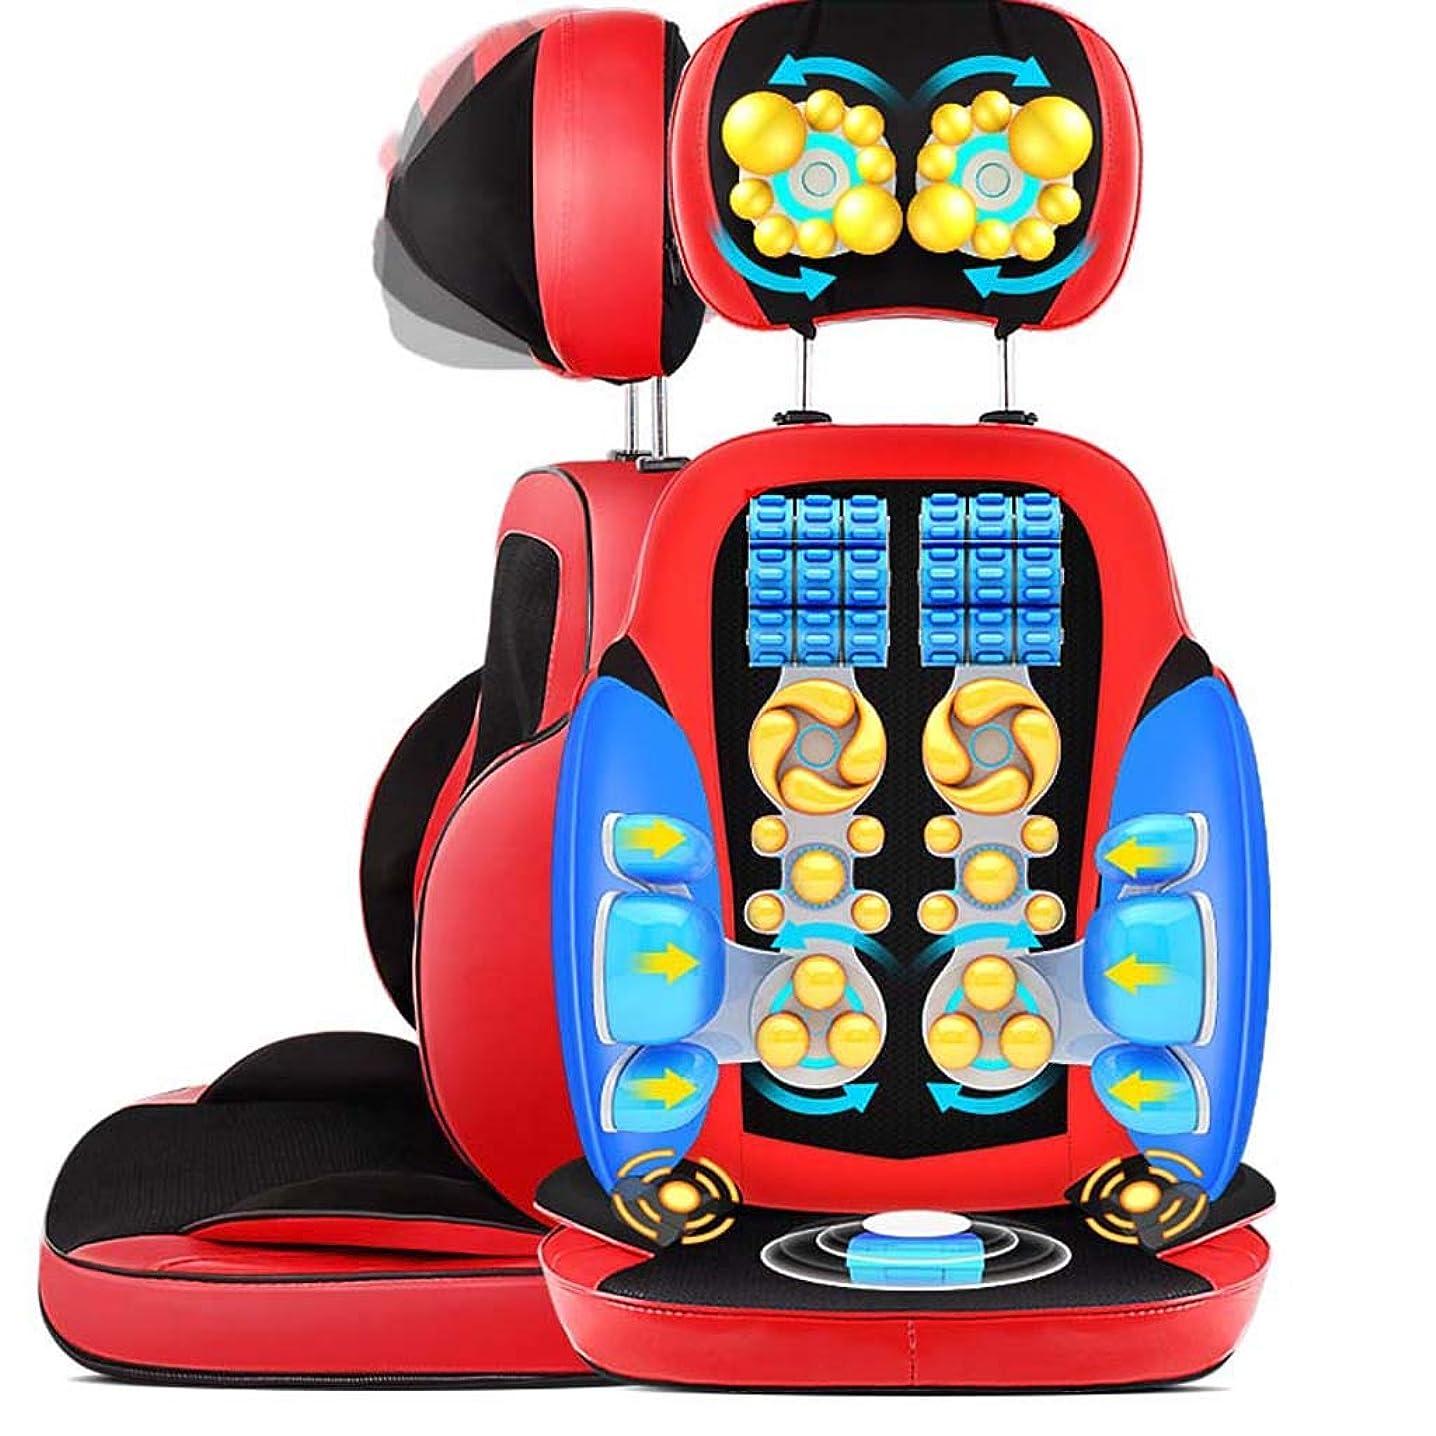 比較的九時四十五分同行Yhz@ ホーム頚部のマッサージャーの首のウエストのバック電気椅子のクッション多目的なボディ混練-60w-機械的なコントロール